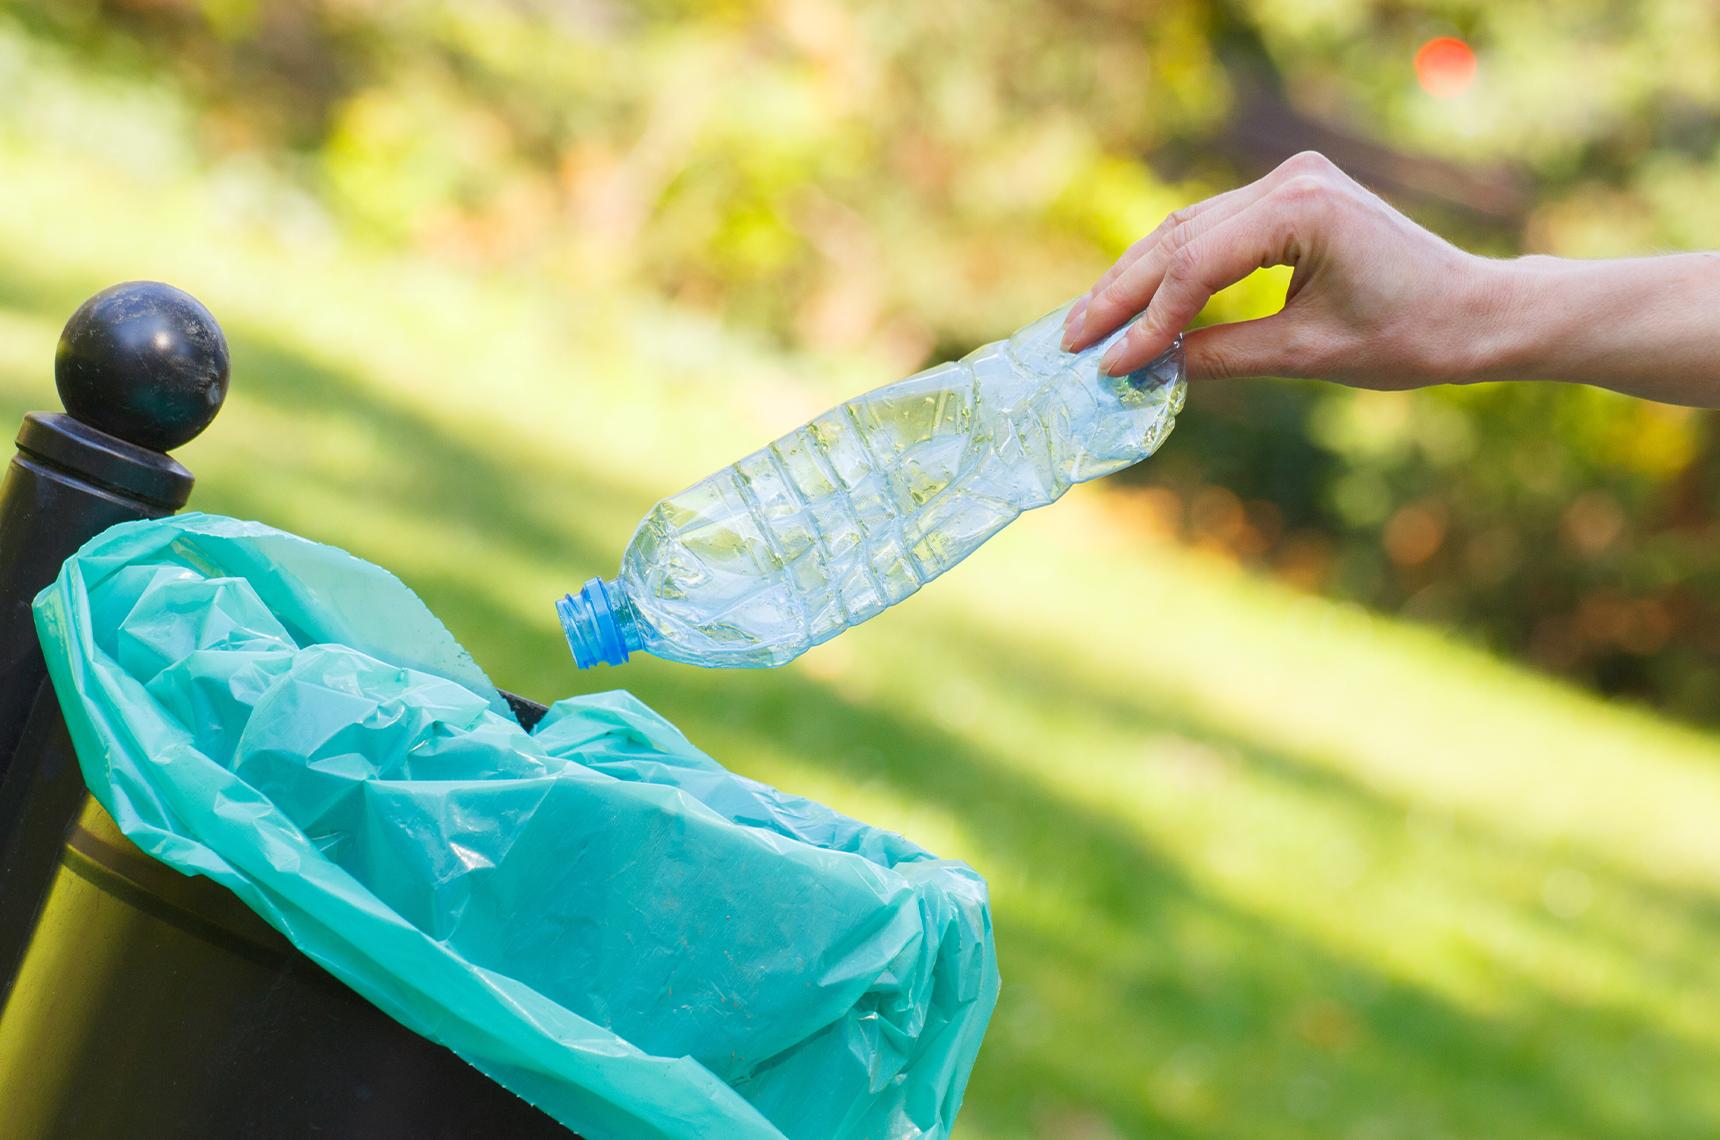 Skelbiame Nekomunaliniame atliekų sraute susidarančių pakuočių atliekų sutvarkymo paslaugos pirkimo konkursą